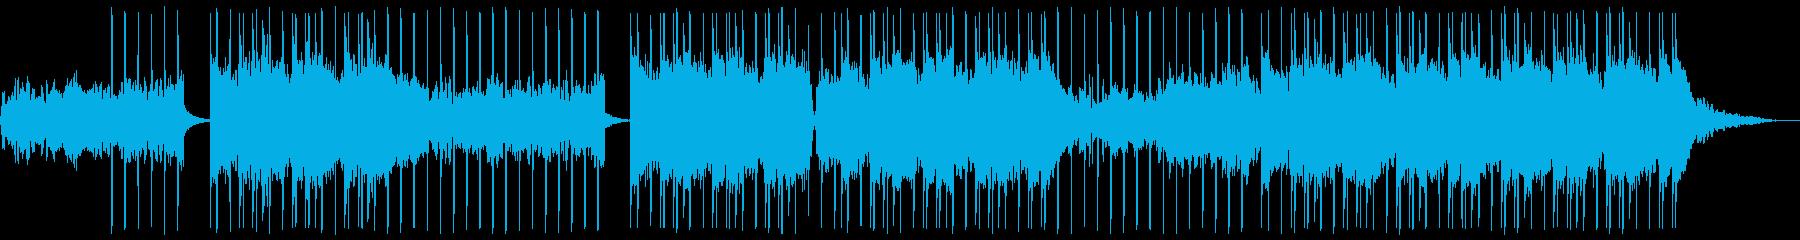 ダークでテンポ良いレトロポップ/オルガンの再生済みの波形